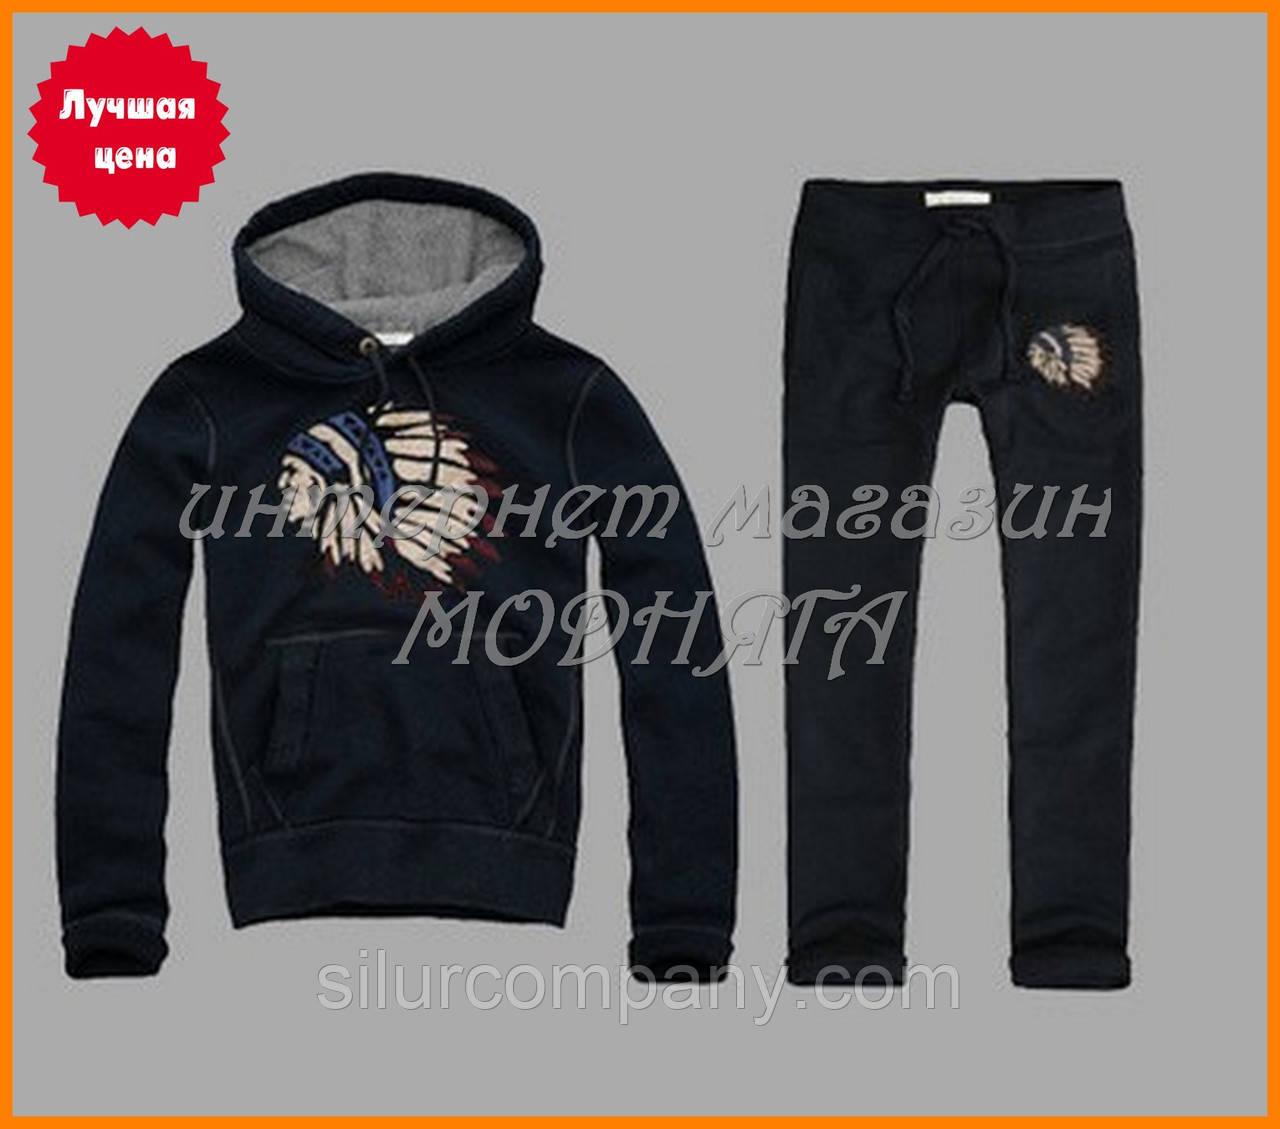 21fbcbdb6995 Спортивный костюм для мальчика подростка - Интернет магазин